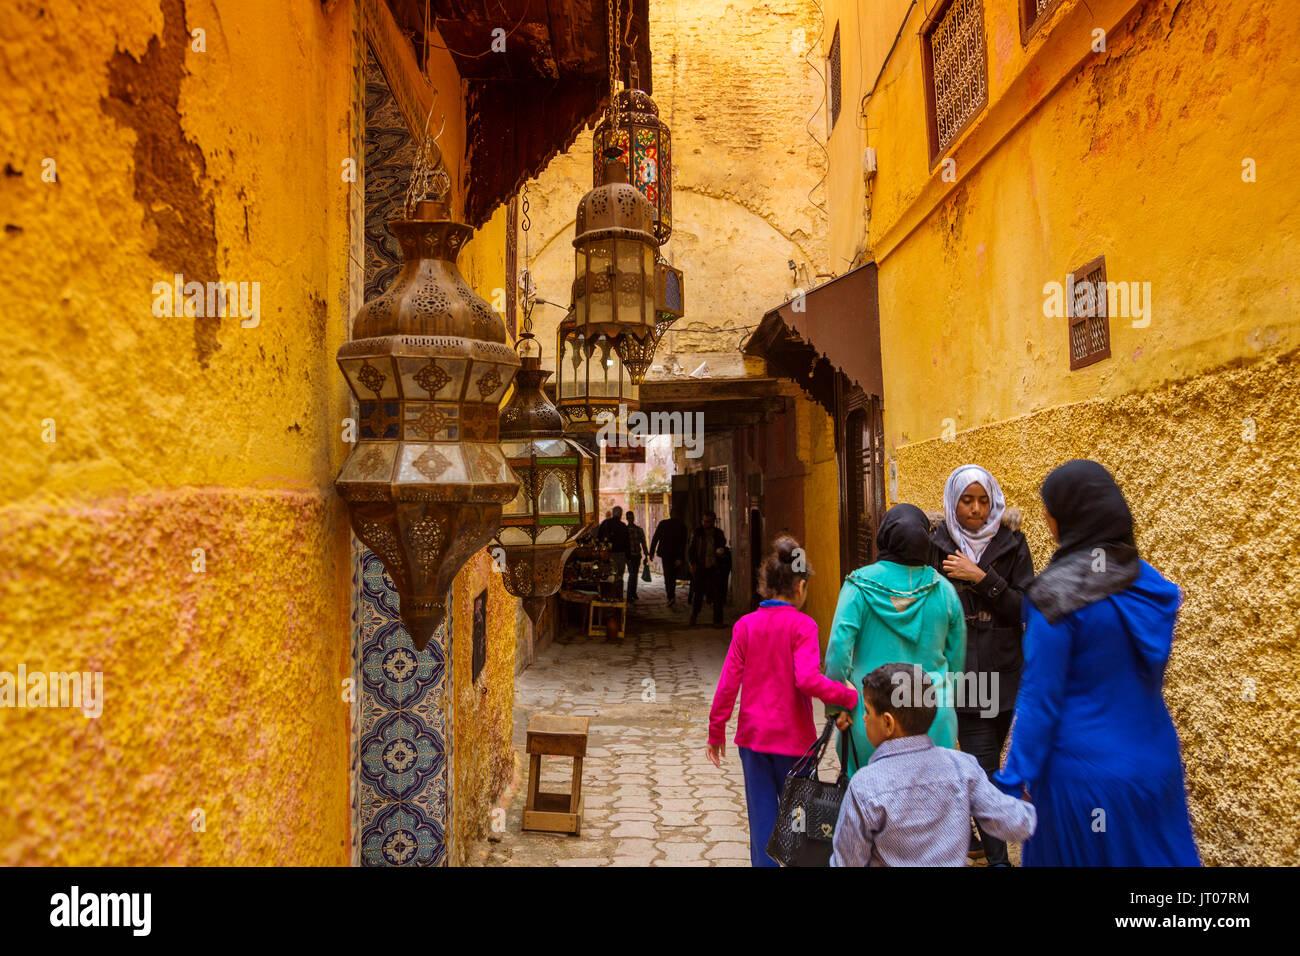 Escenas de la vida de la calle. La ciudad imperial de Meknes, Marruecos, Magreb, África del Norte Foto de stock